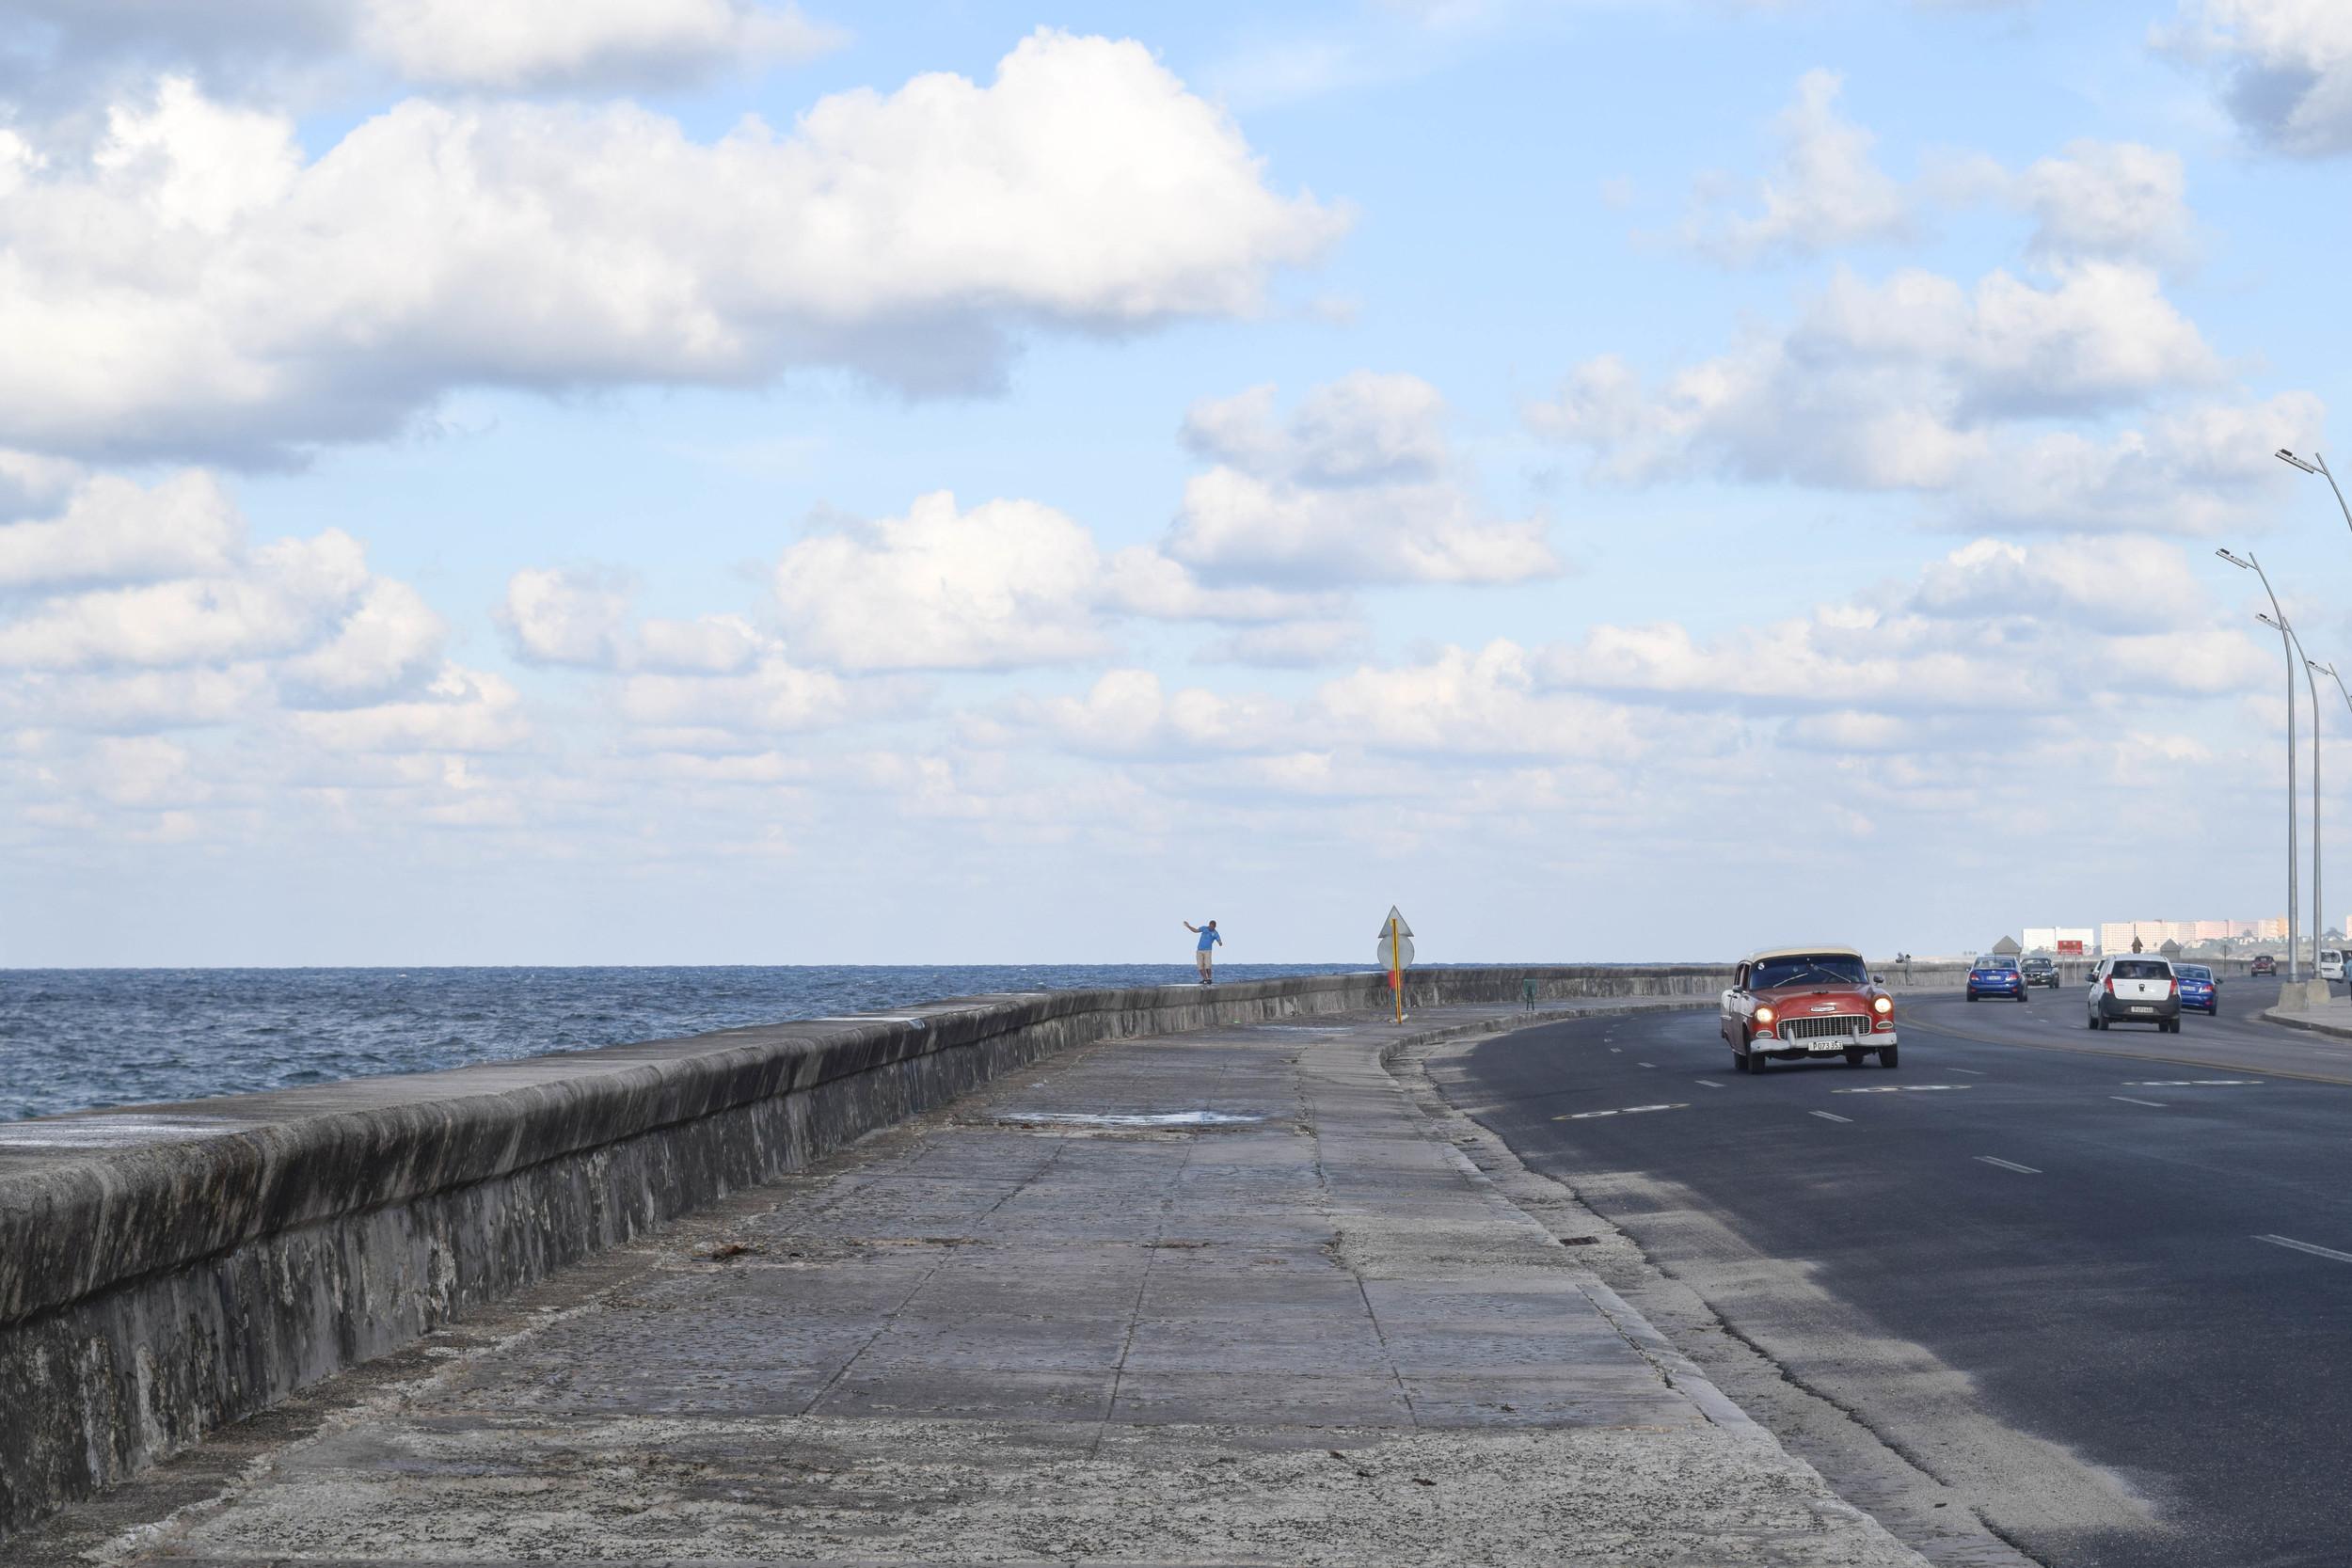 View down El Malecón